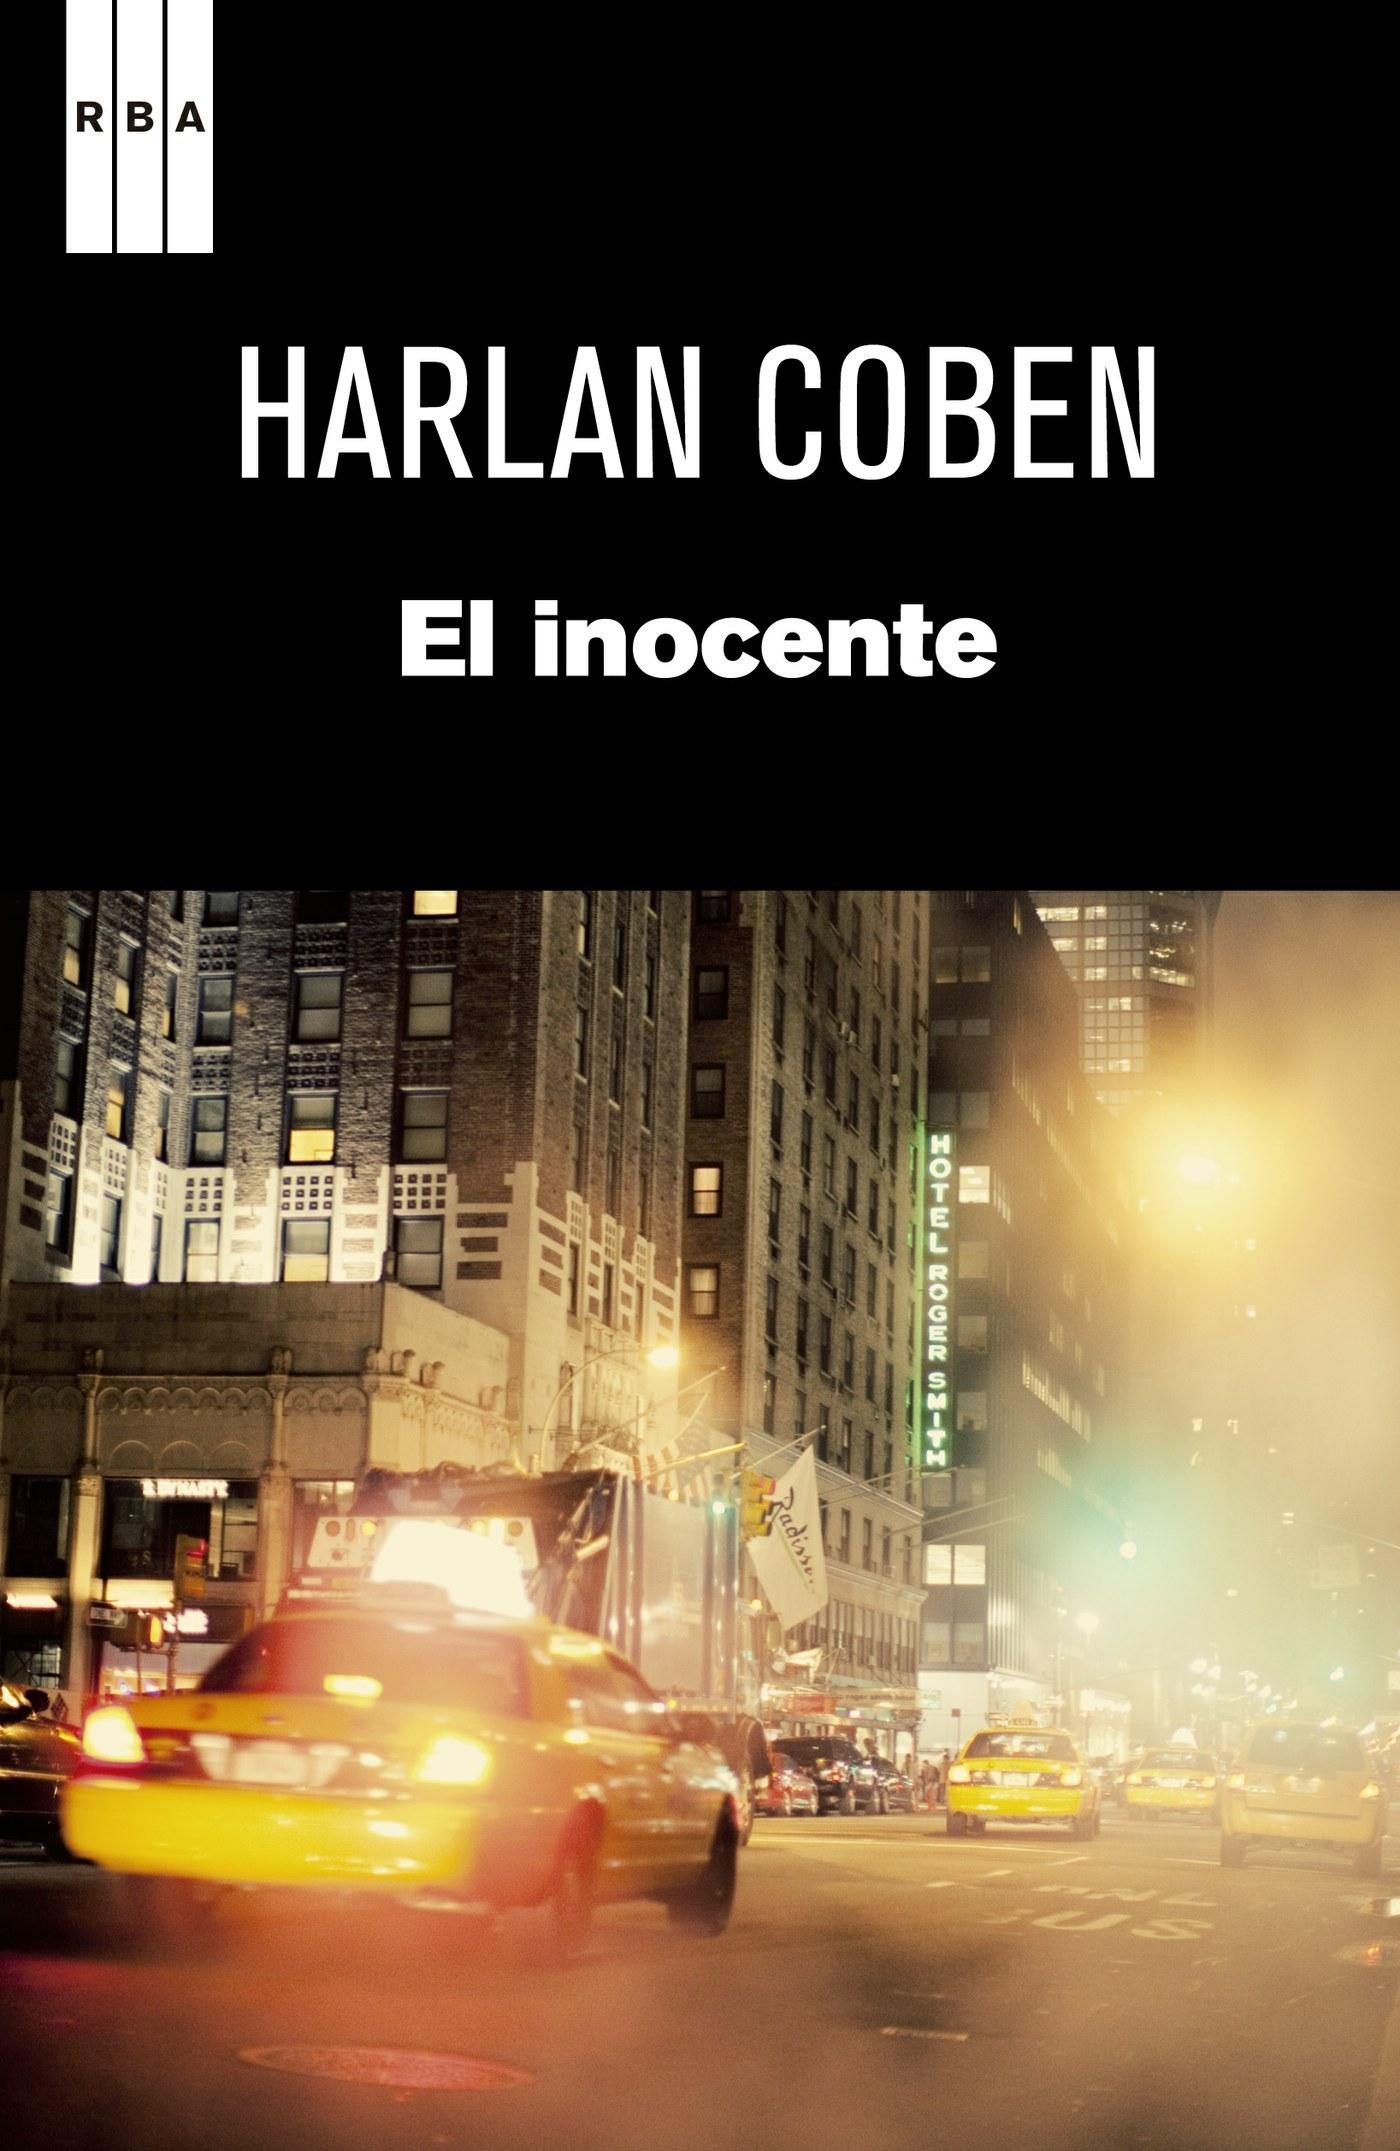 """Novela """"El inocente"""", de Harlan Coben, en la que está basada la nueva serie de Netflix. De venta en Amazon (18,04 euros). Cómprala aquí."""